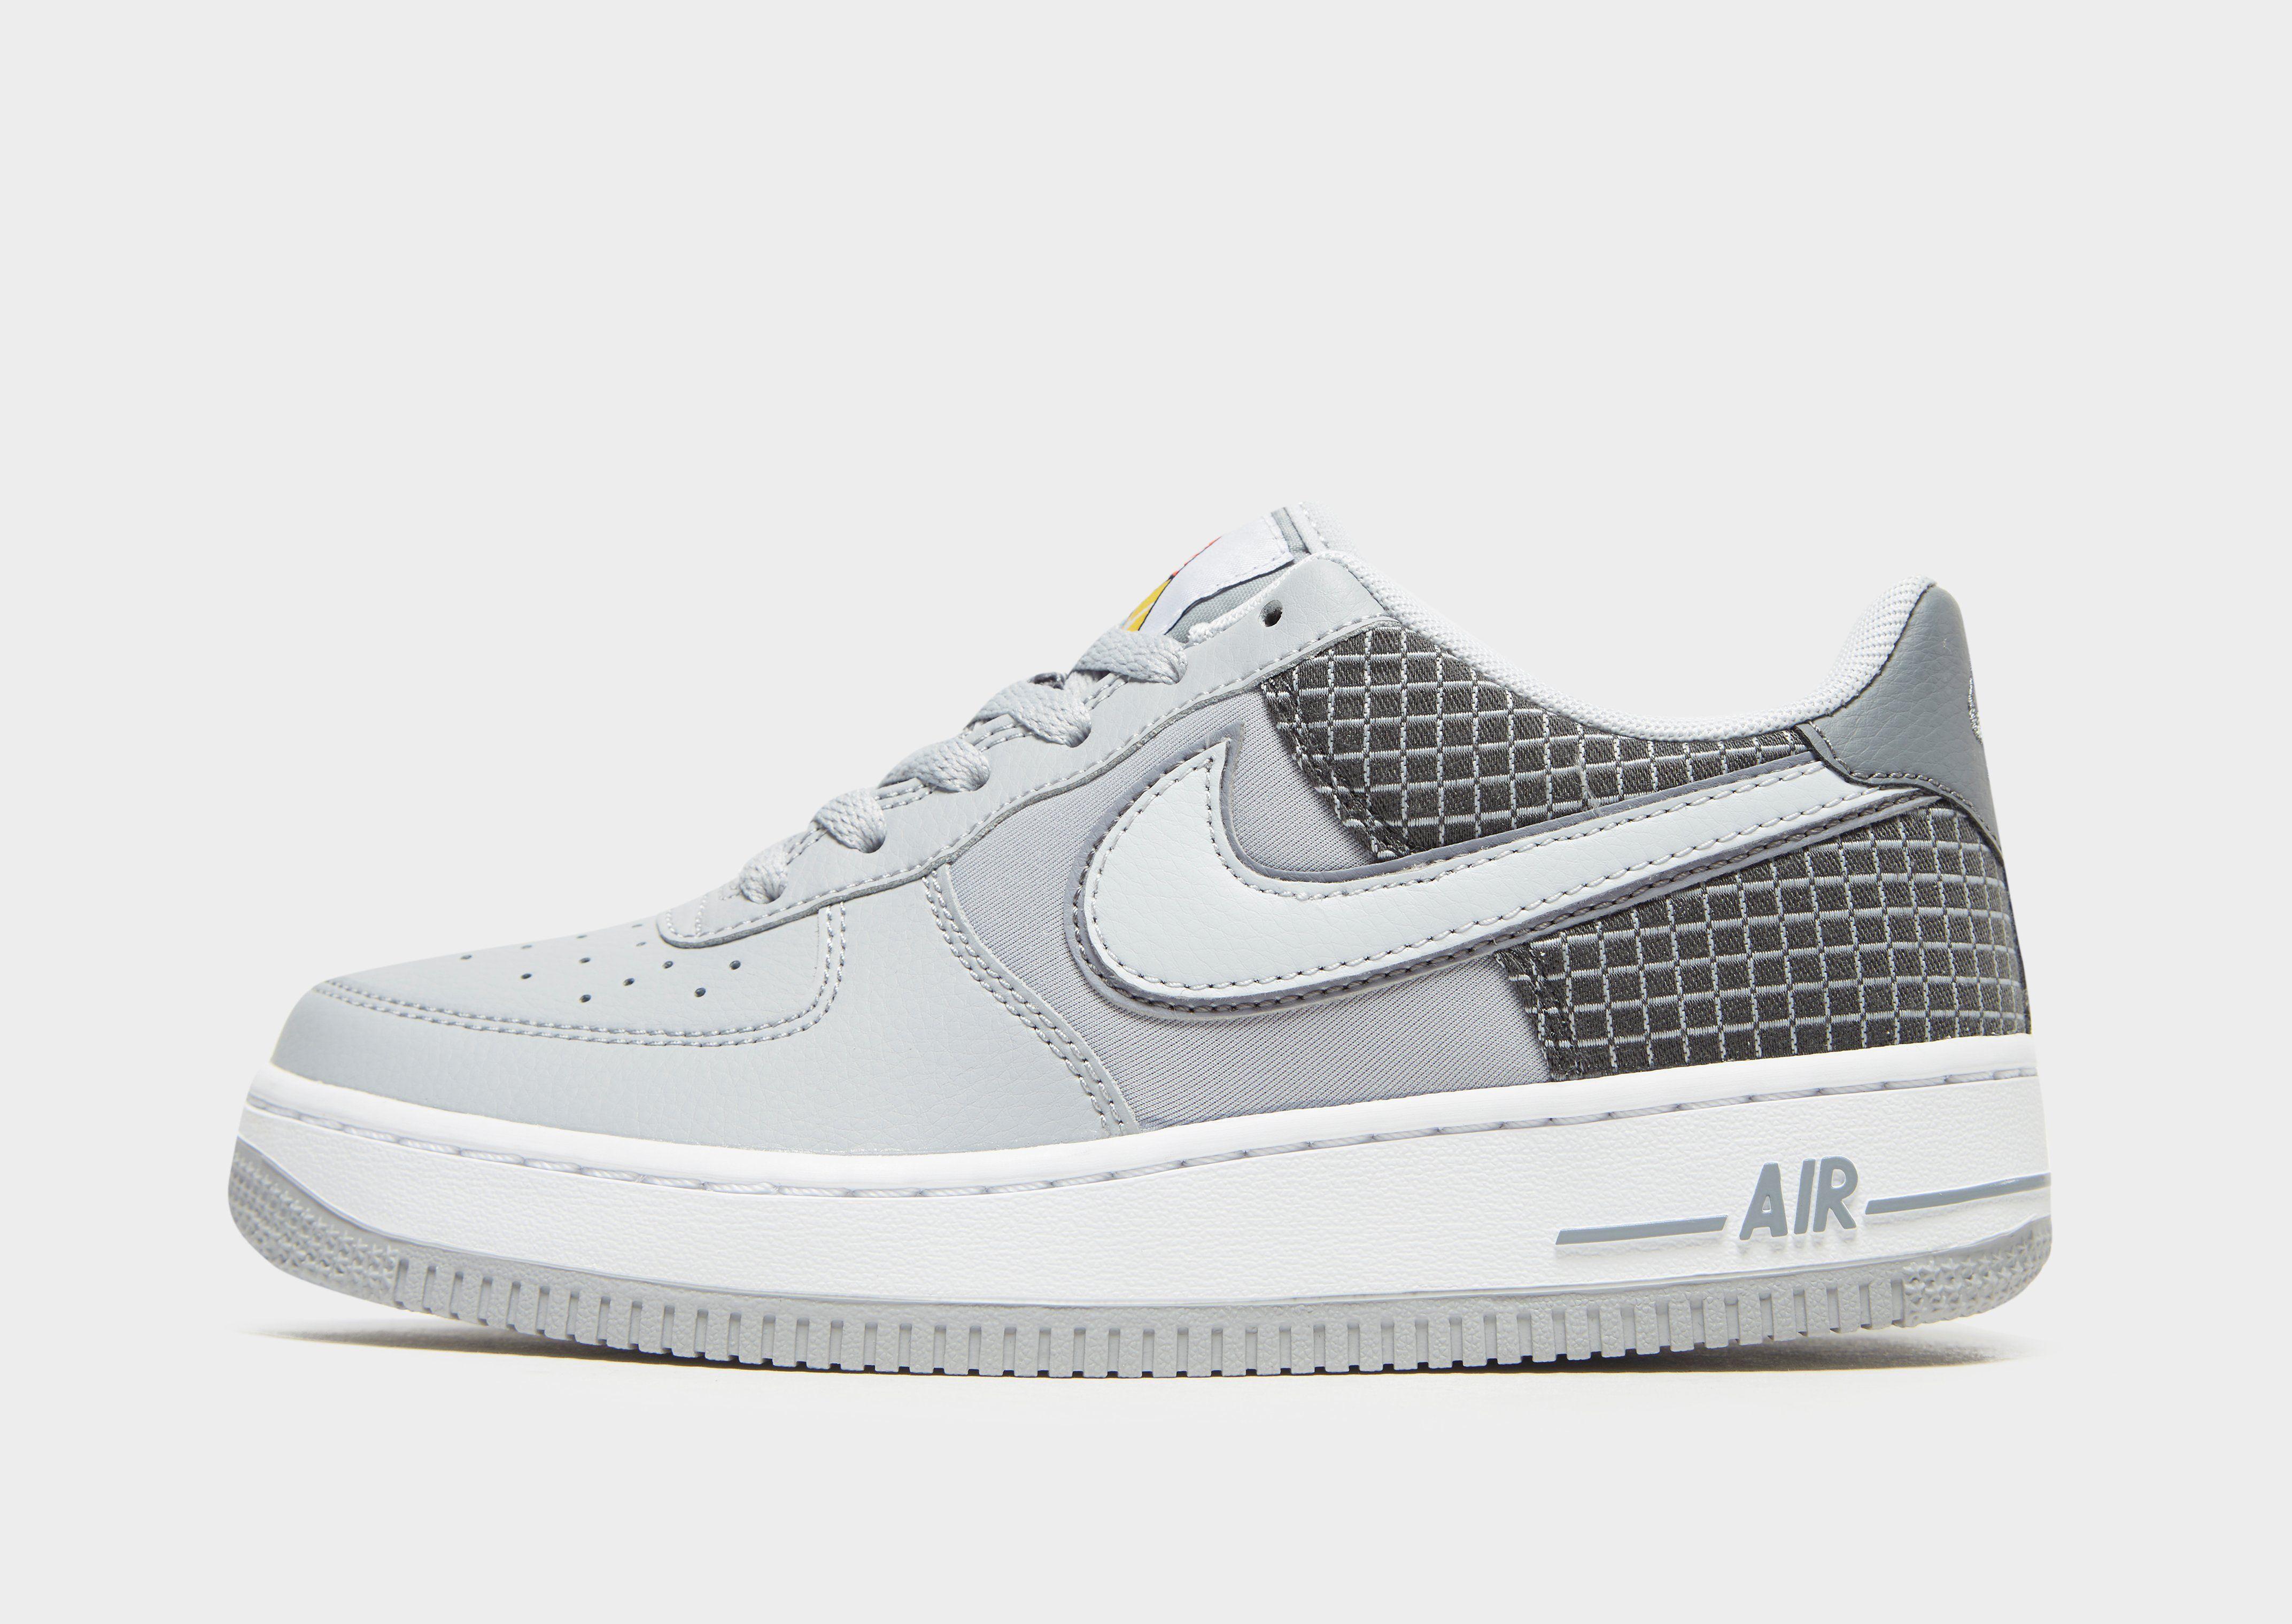 nouveau produit bbb5d 1c29c Nike Air Force 1 Low Junior | JD Sports Ireland